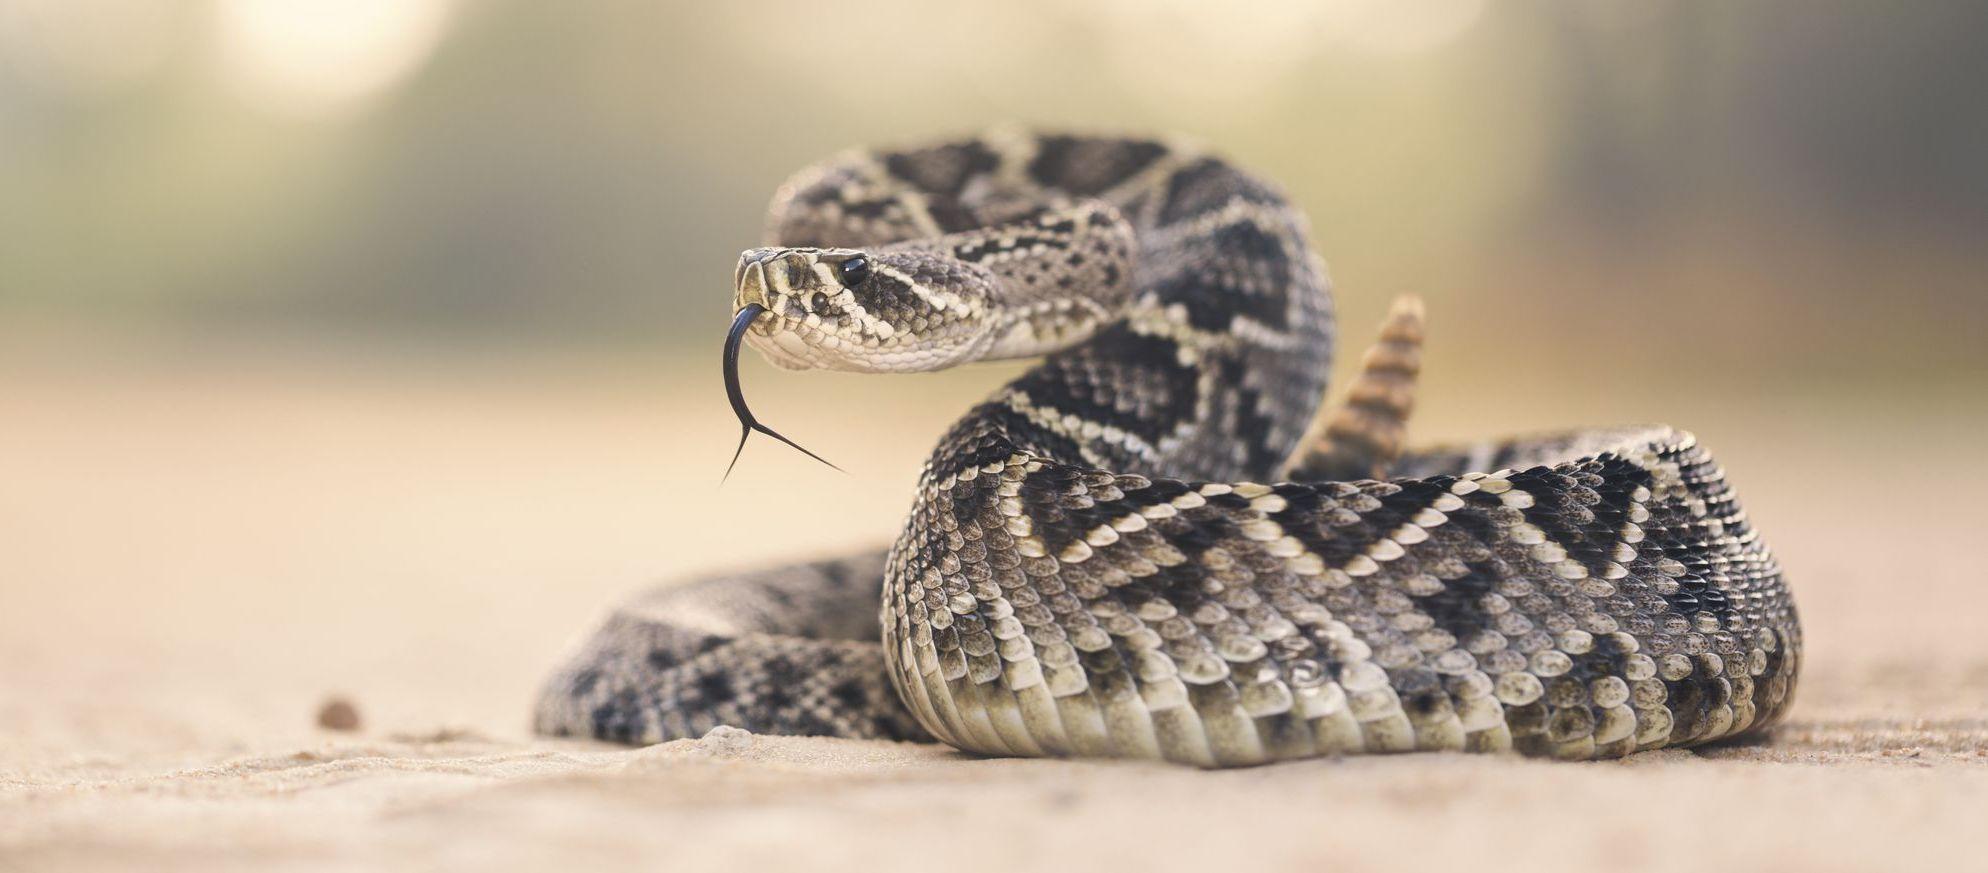 Маракасы чешуйчатых интровертов: акустическая иллюзия гремучих змей - 1